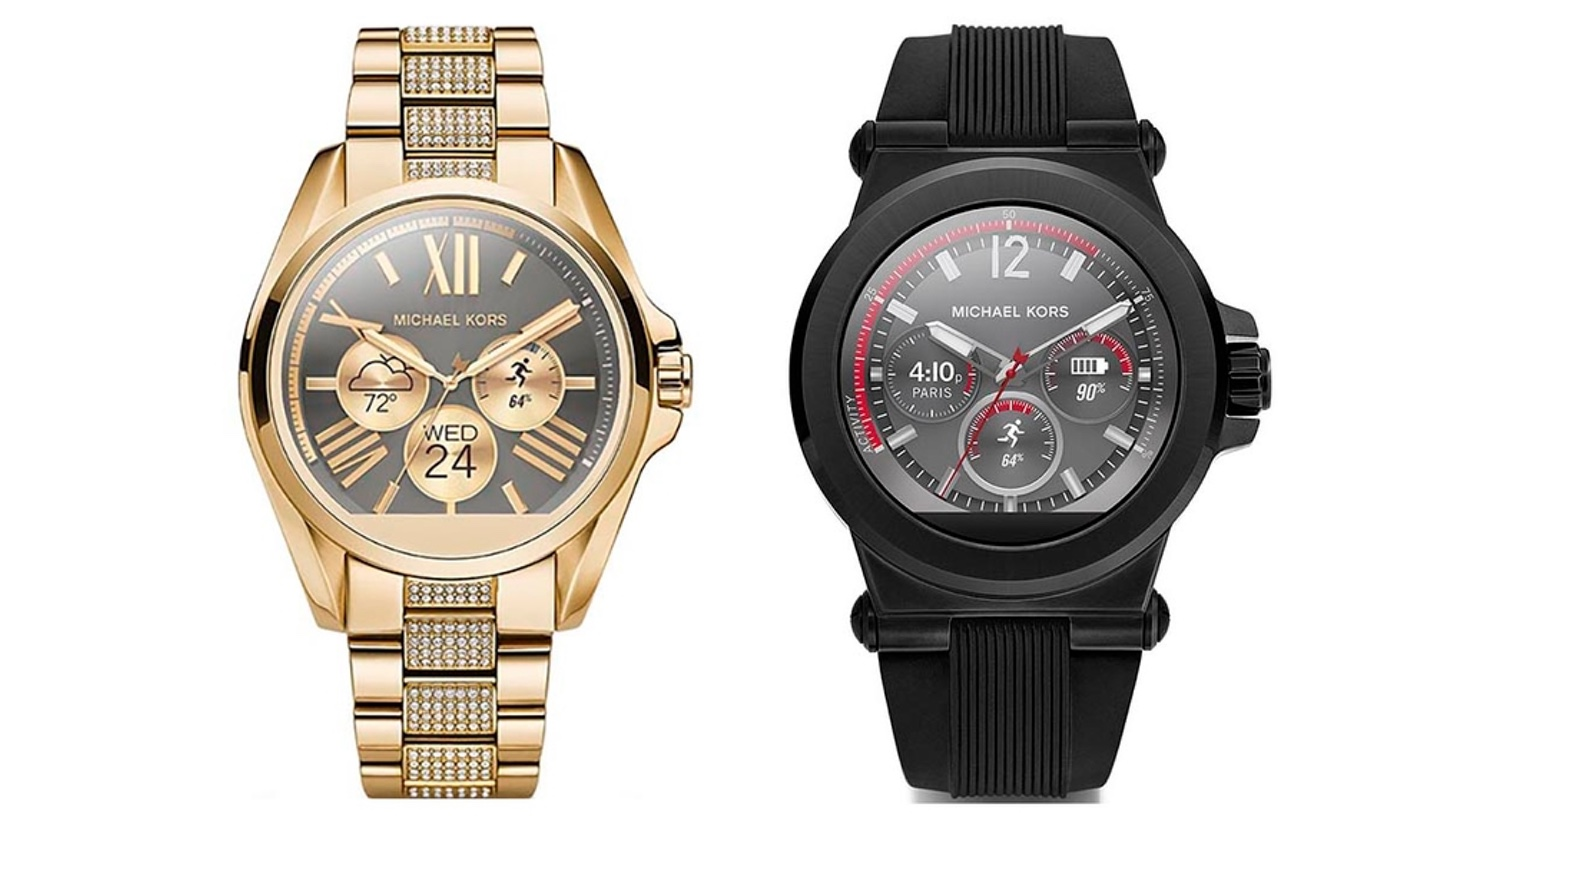 Michael Kors presenteert nieuwe smartwatches